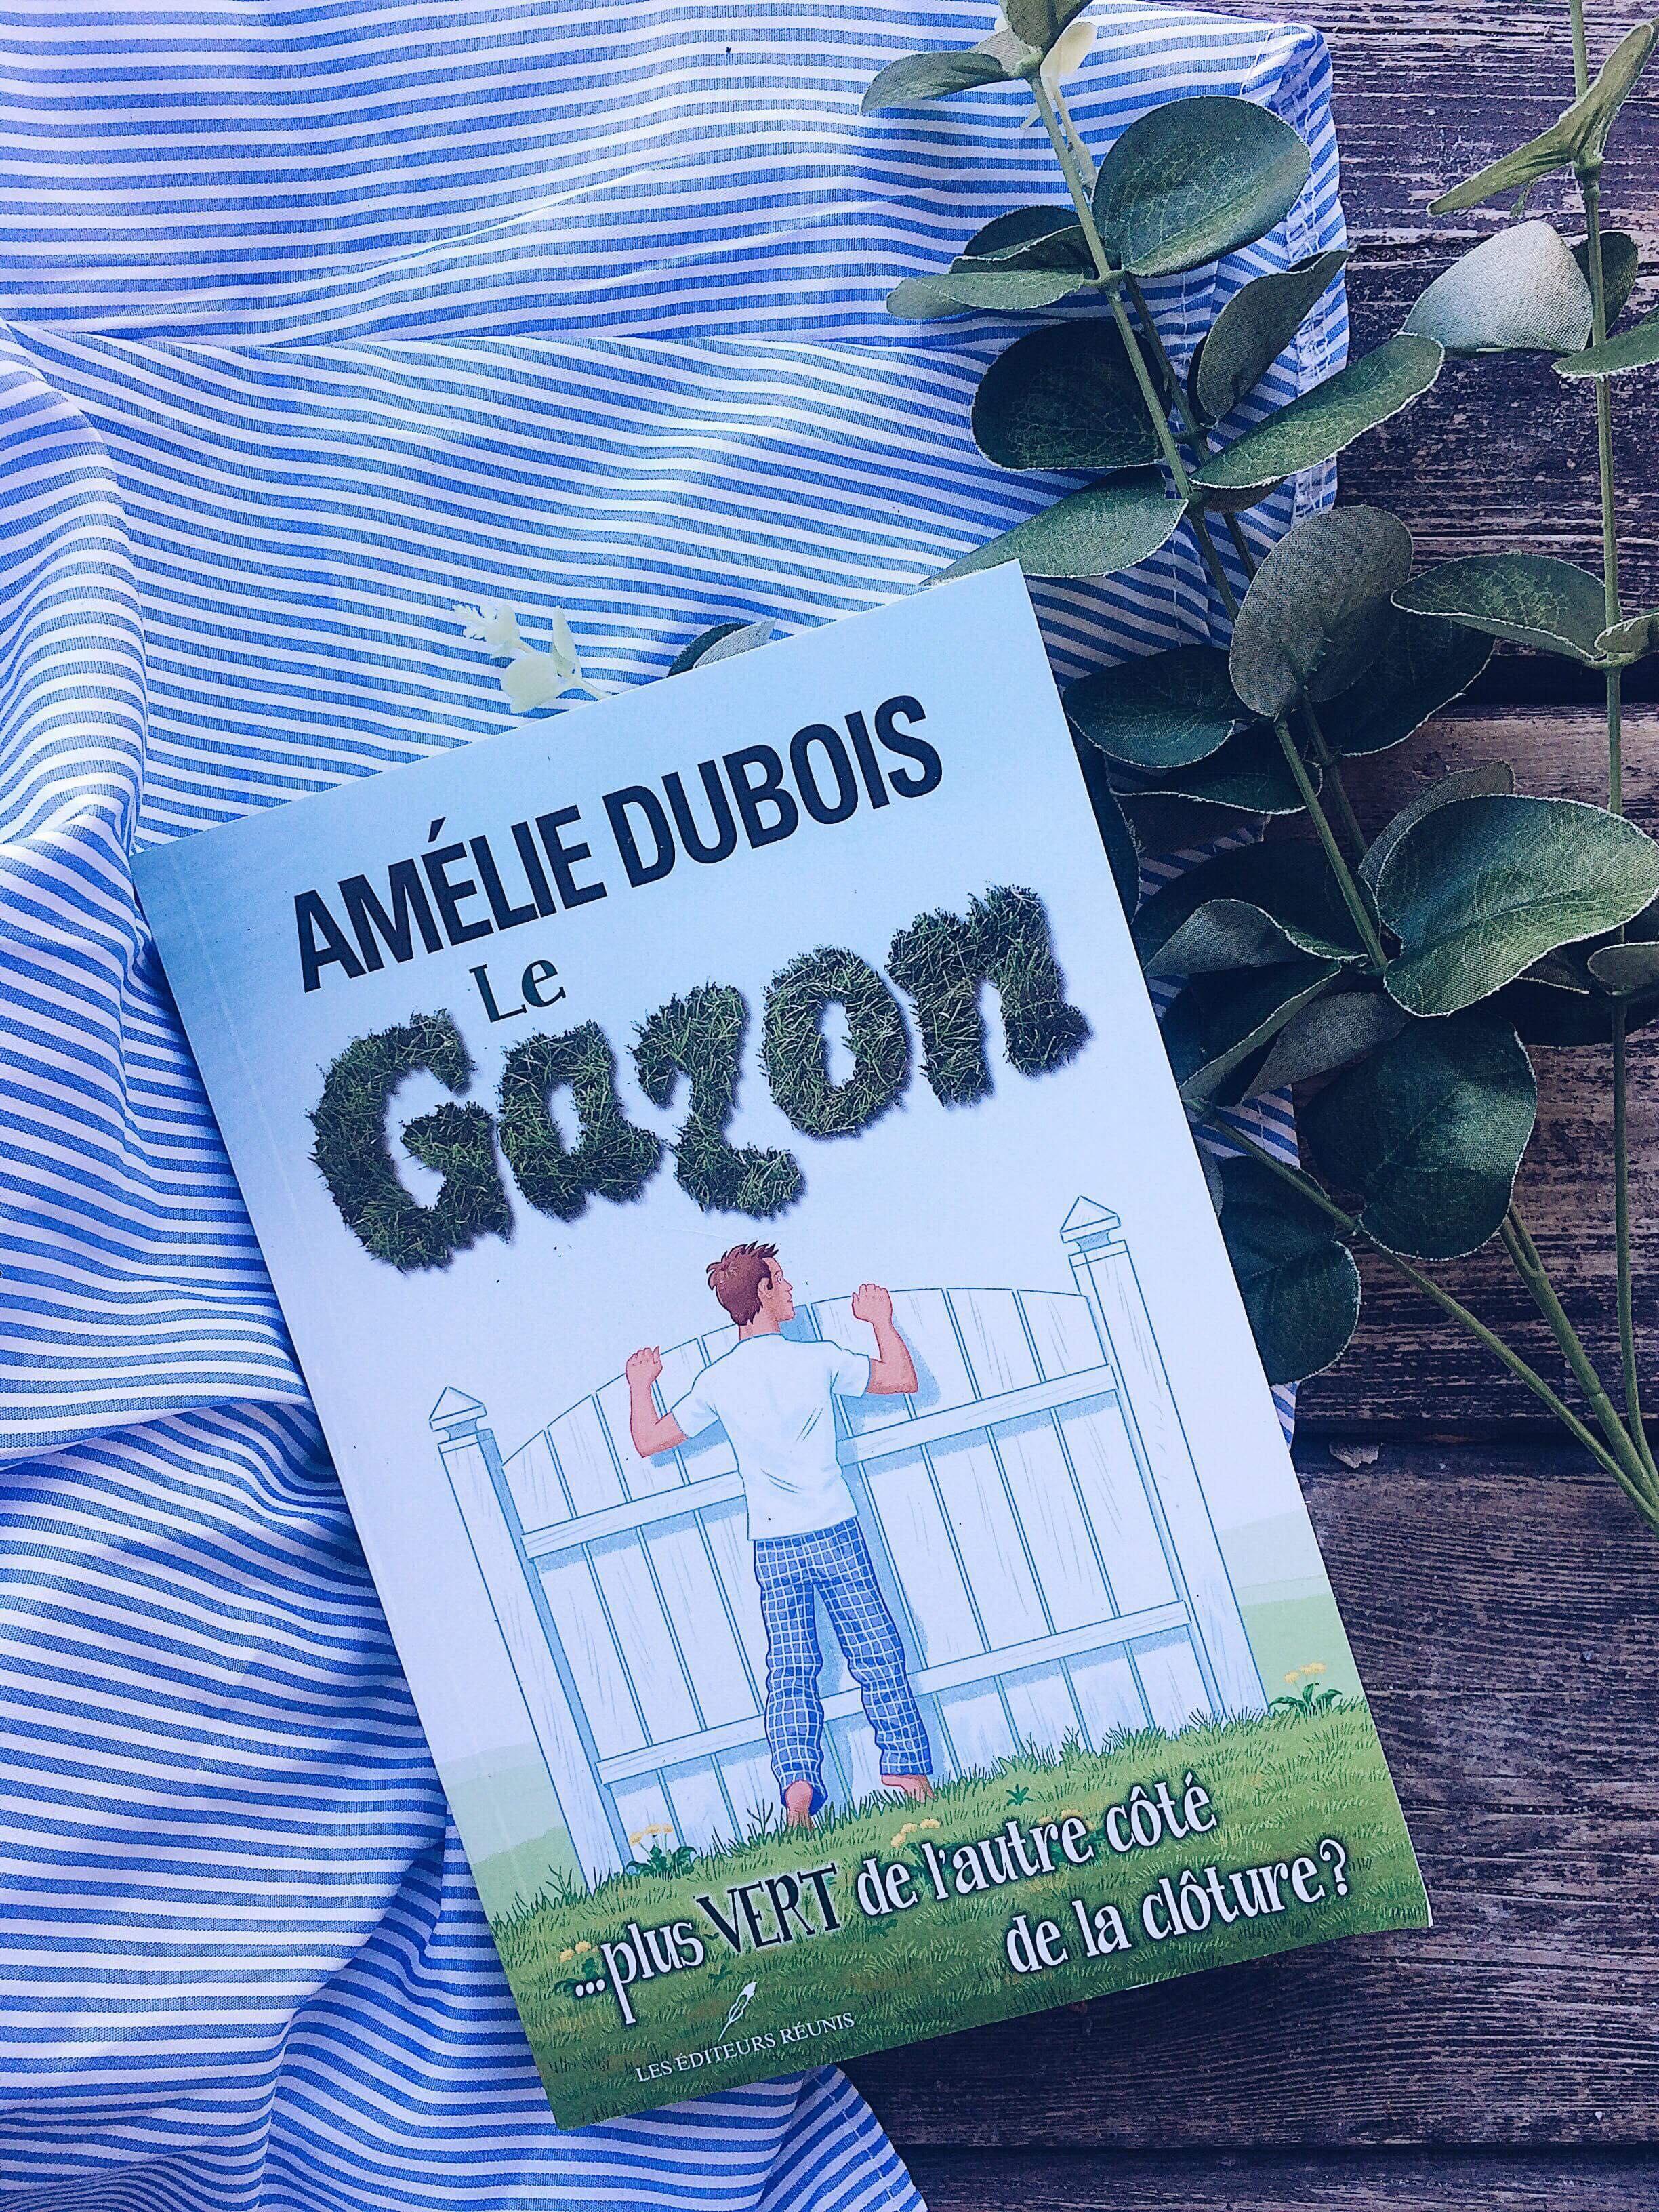 Jen parle du livre de Amelie Dubois